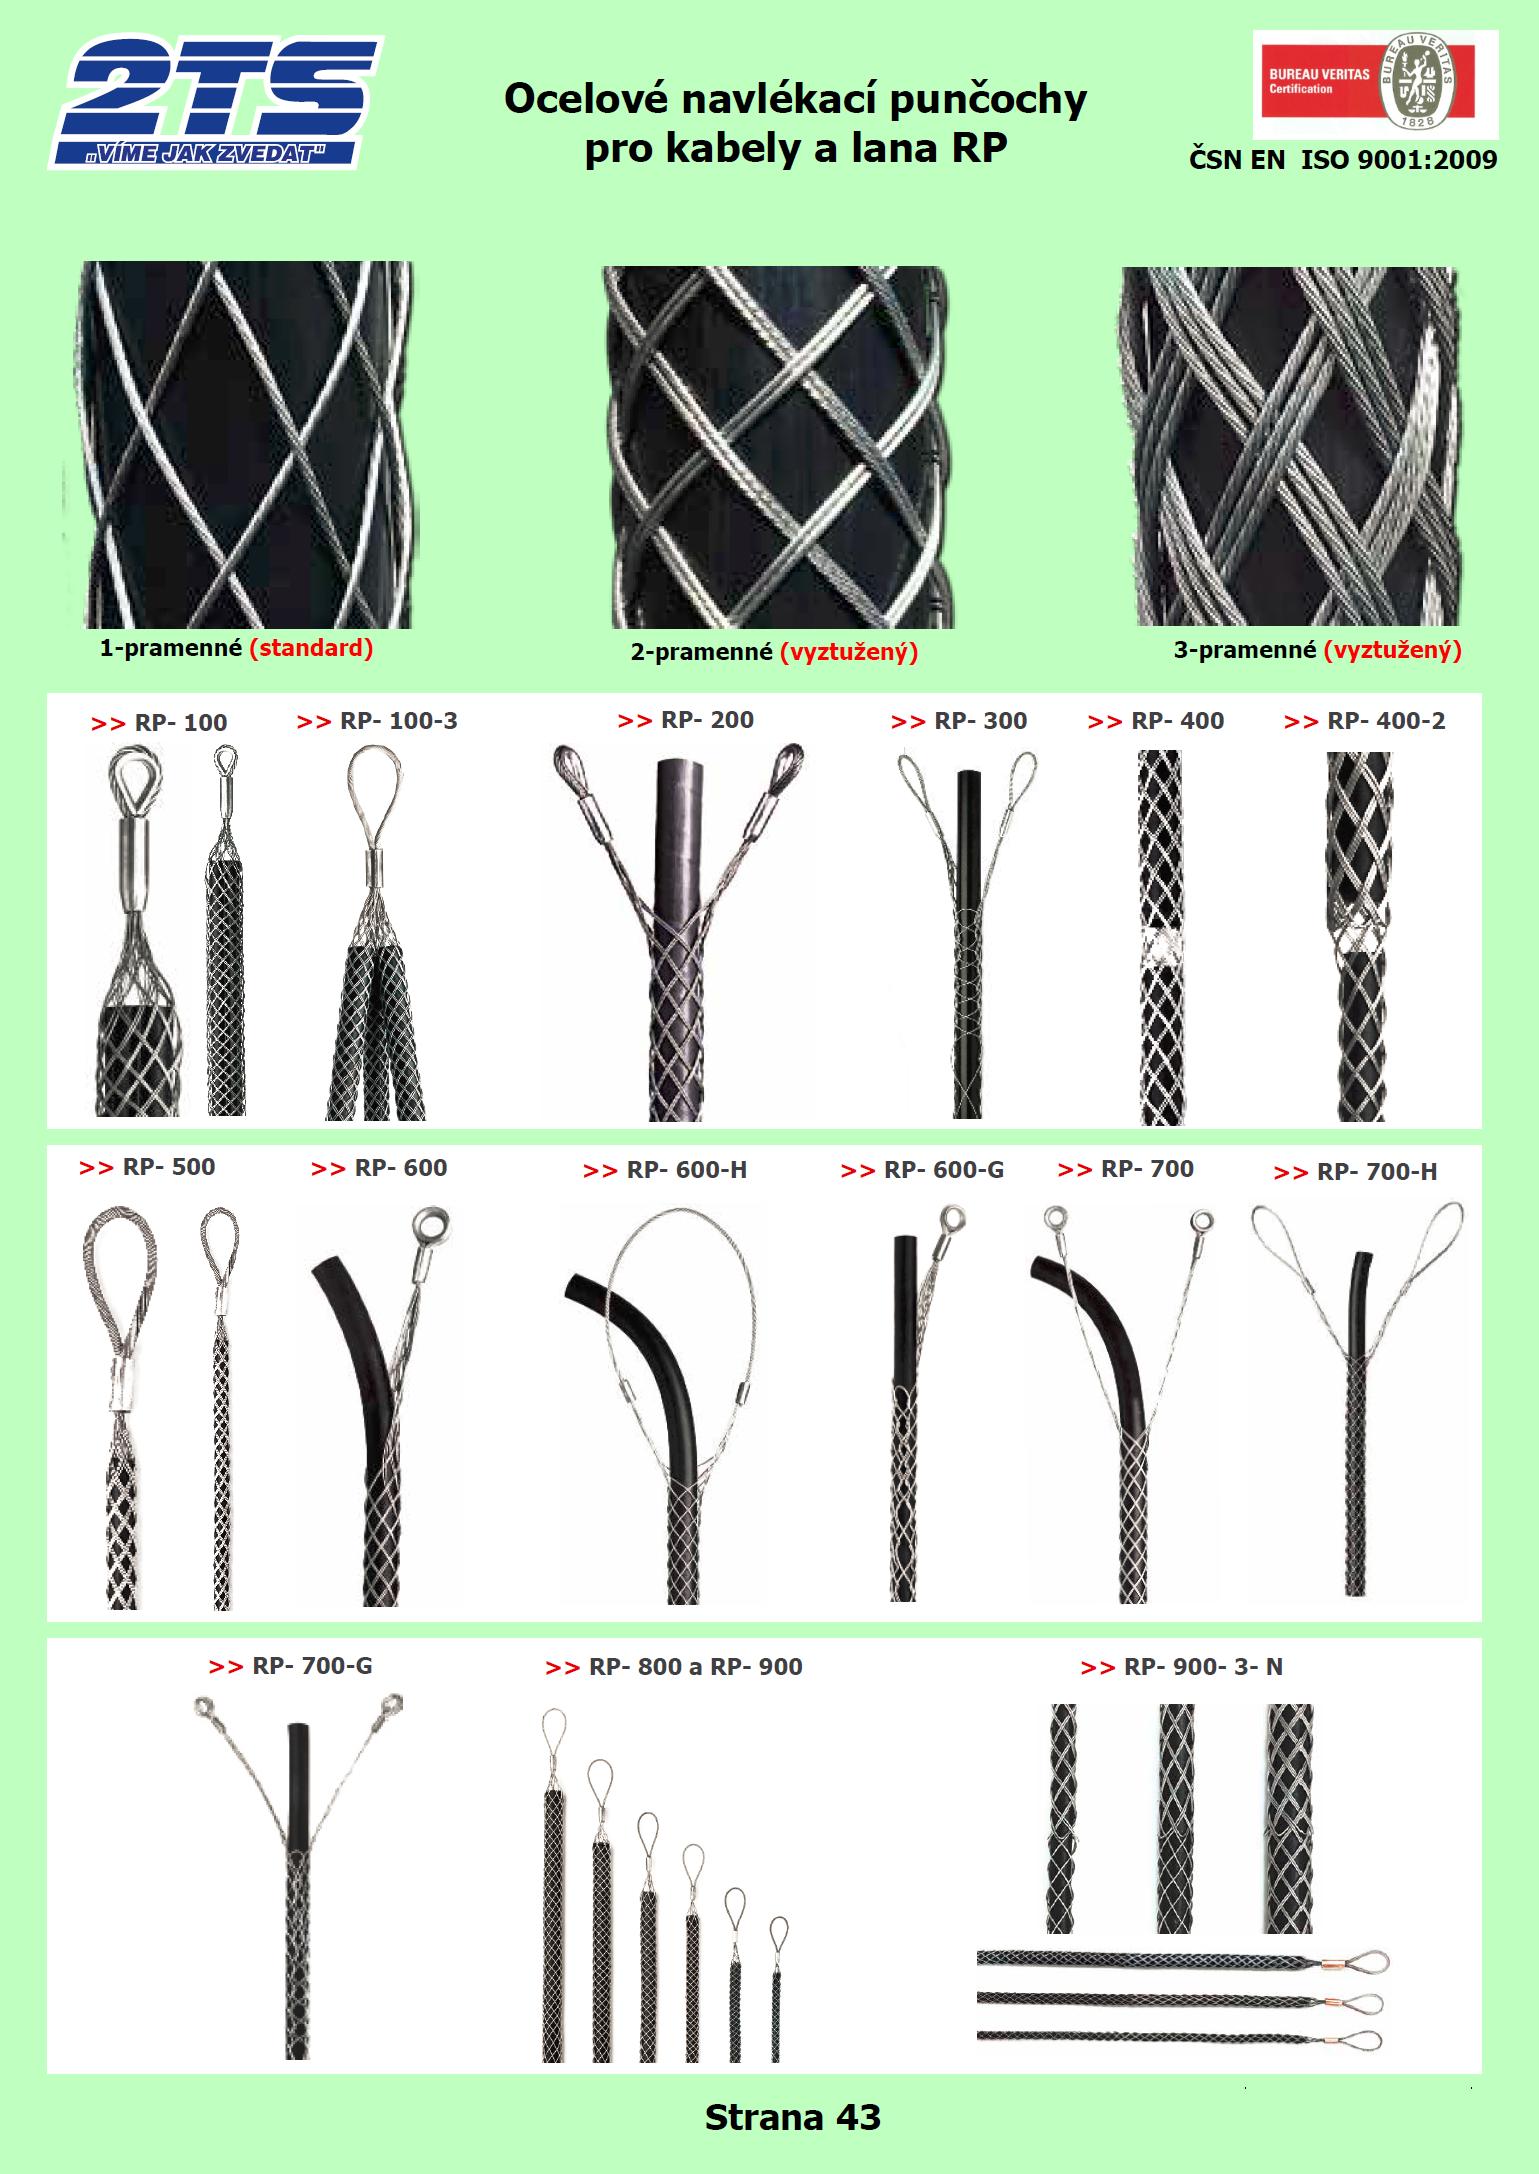 Ocelové punčochy pro lana a kabely